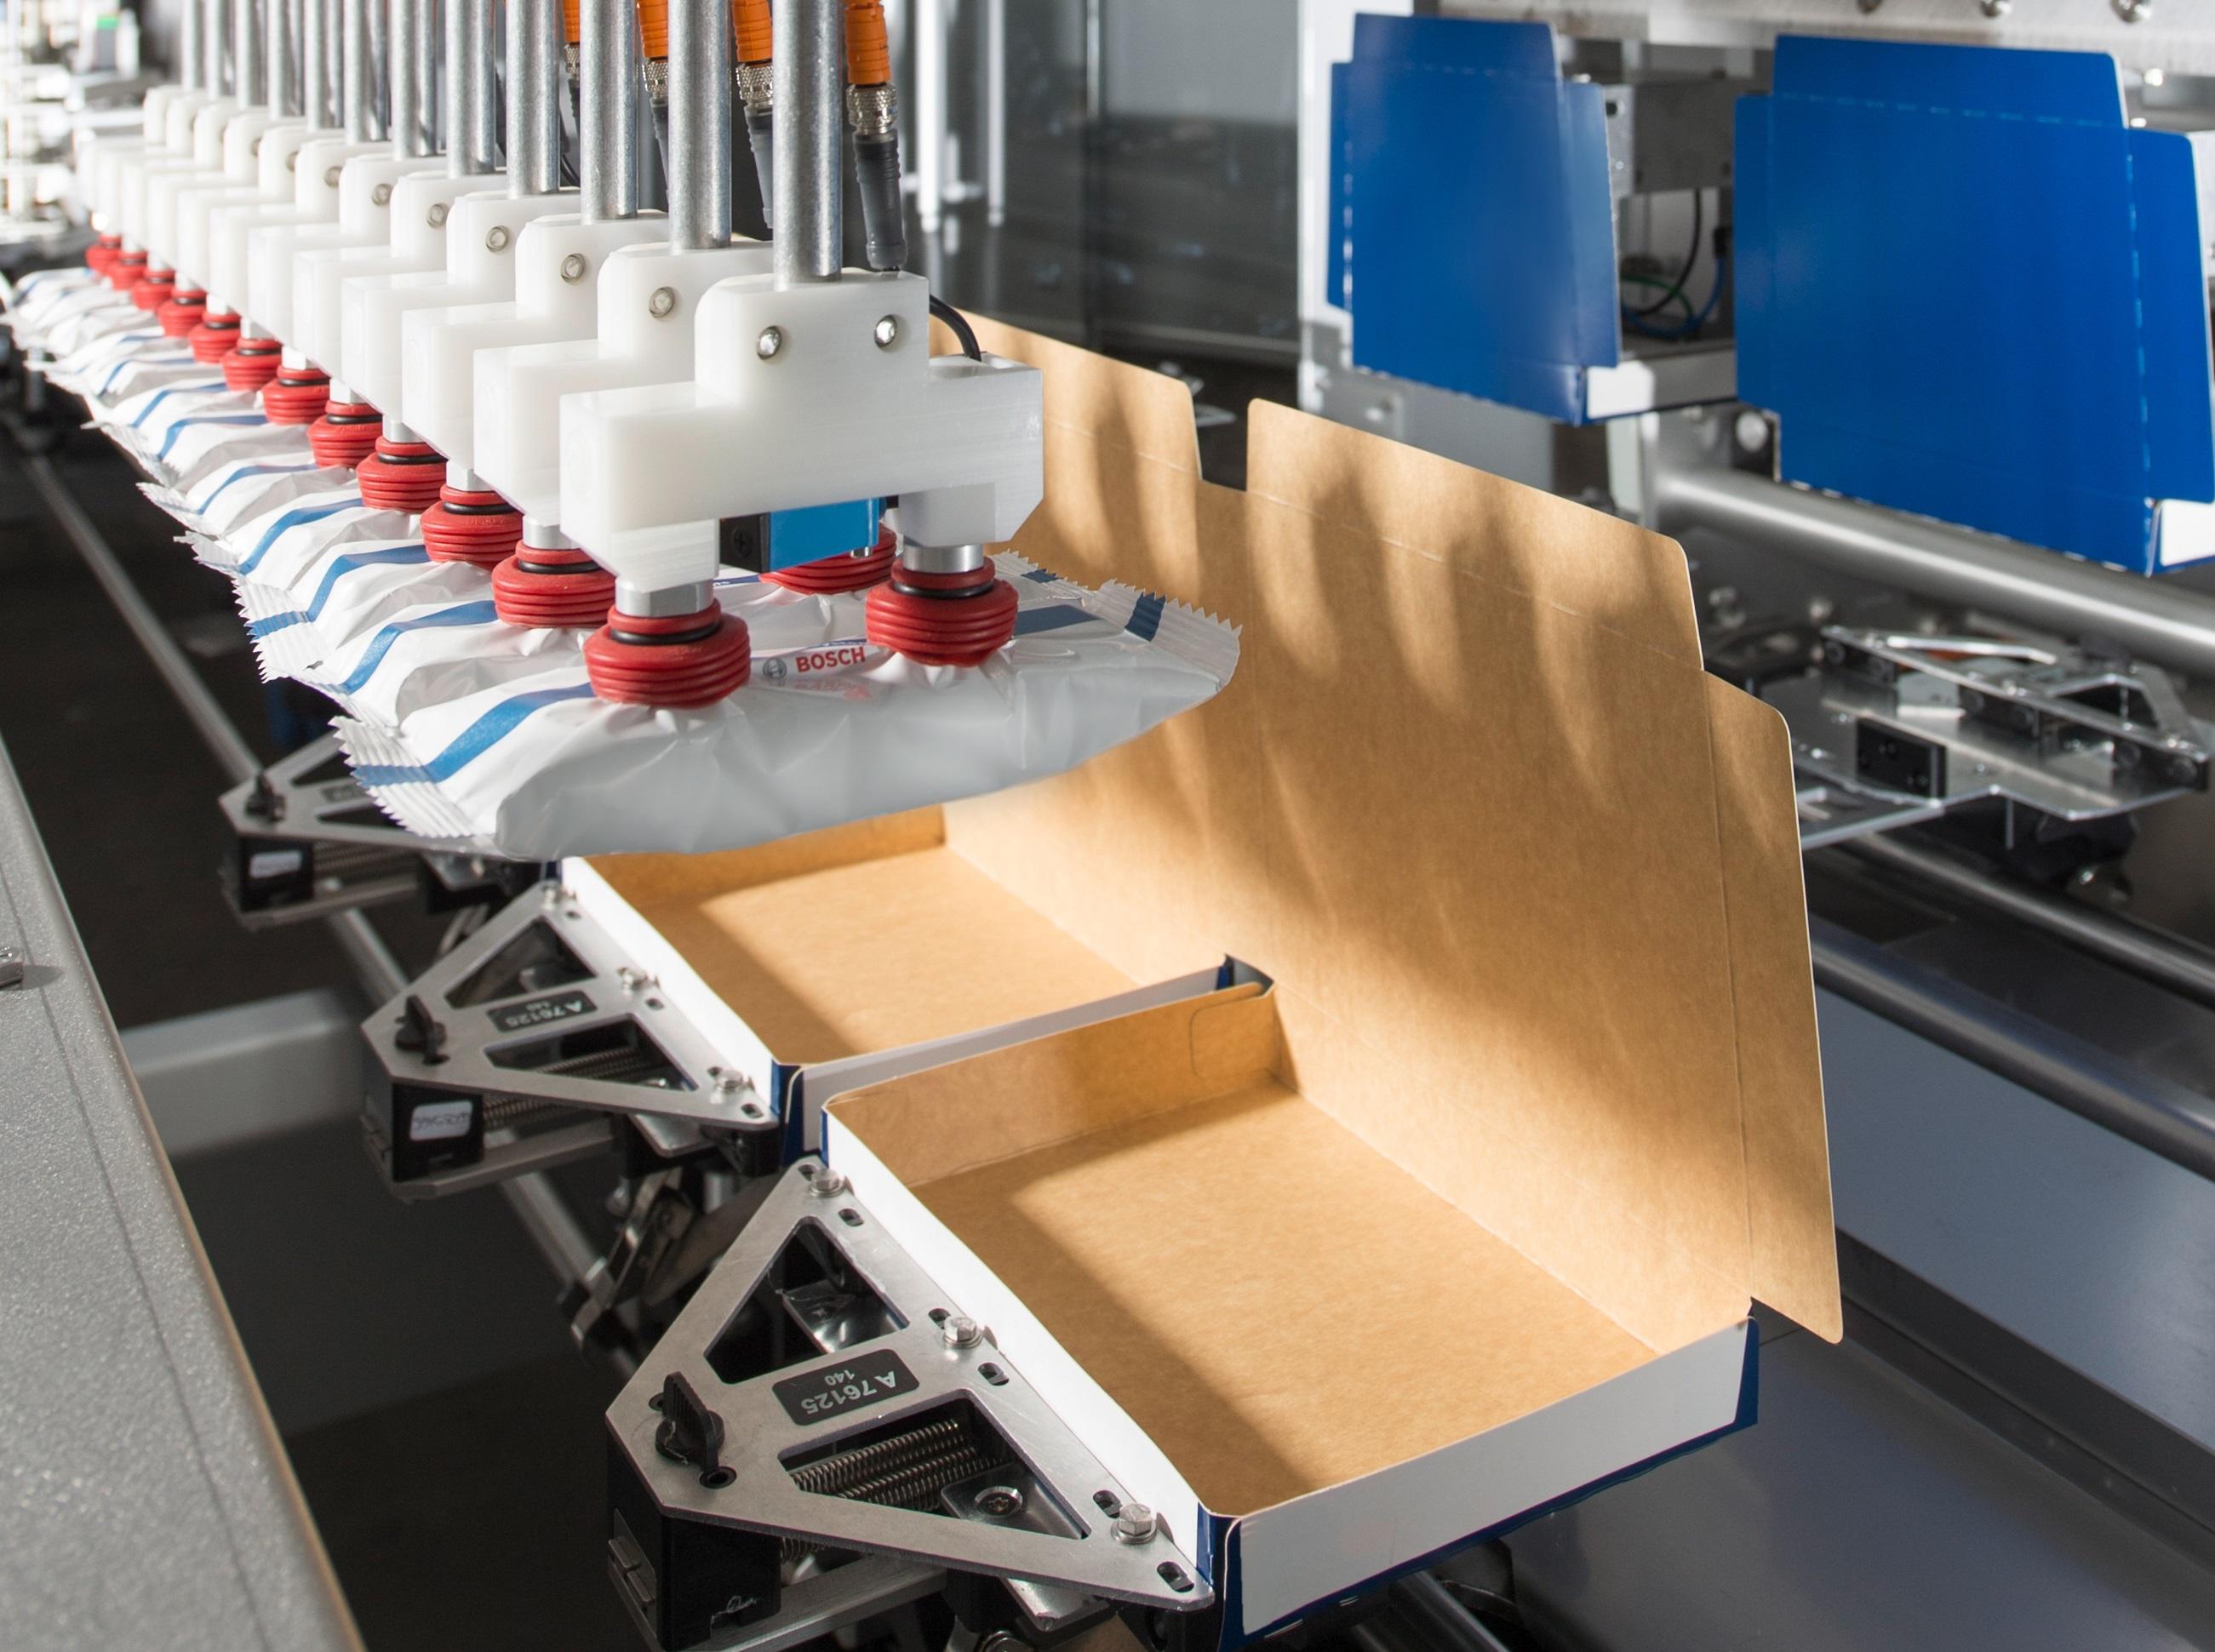 Bosch plant, das Geschäft mit Verpackungsmaschinen an eine neu gegründete Gesellschaft, die von CVC Capital Partners (CVC) verwaltet wird, zu verkaufen.